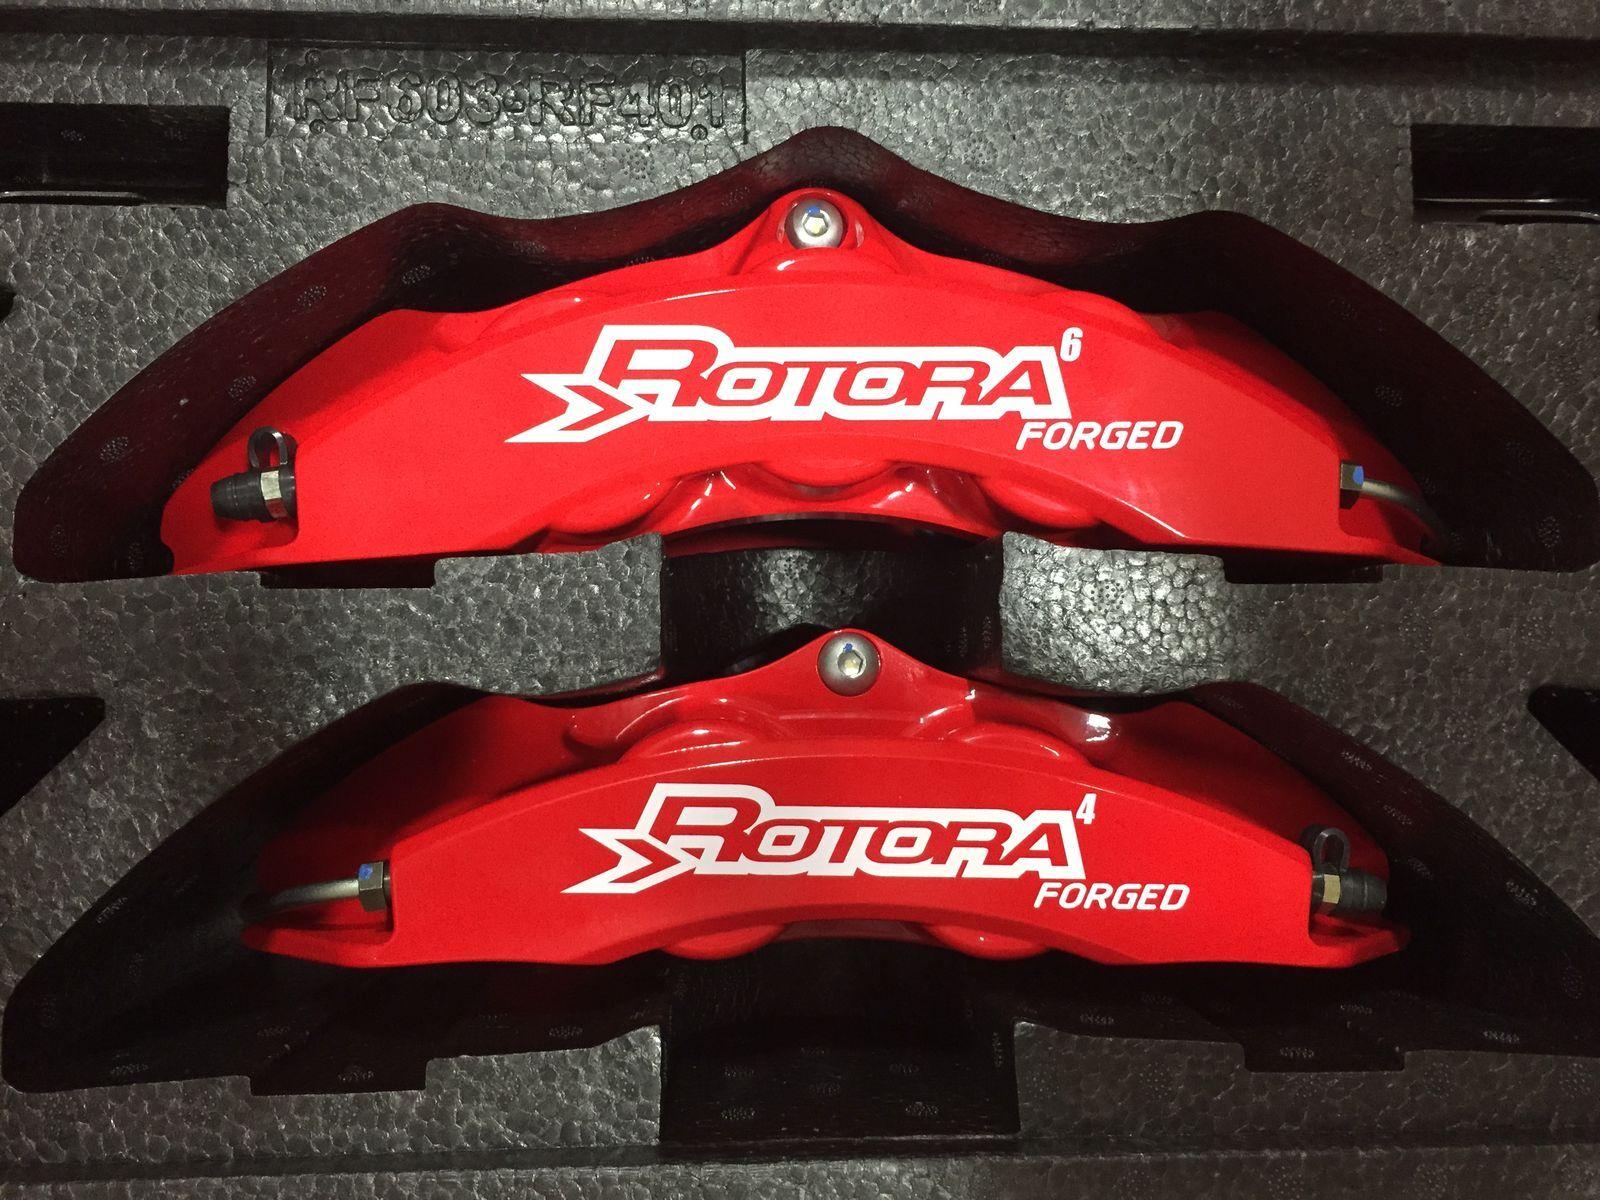 Ford Edge  Webasto Ford Edge Rotora Brake Calipers